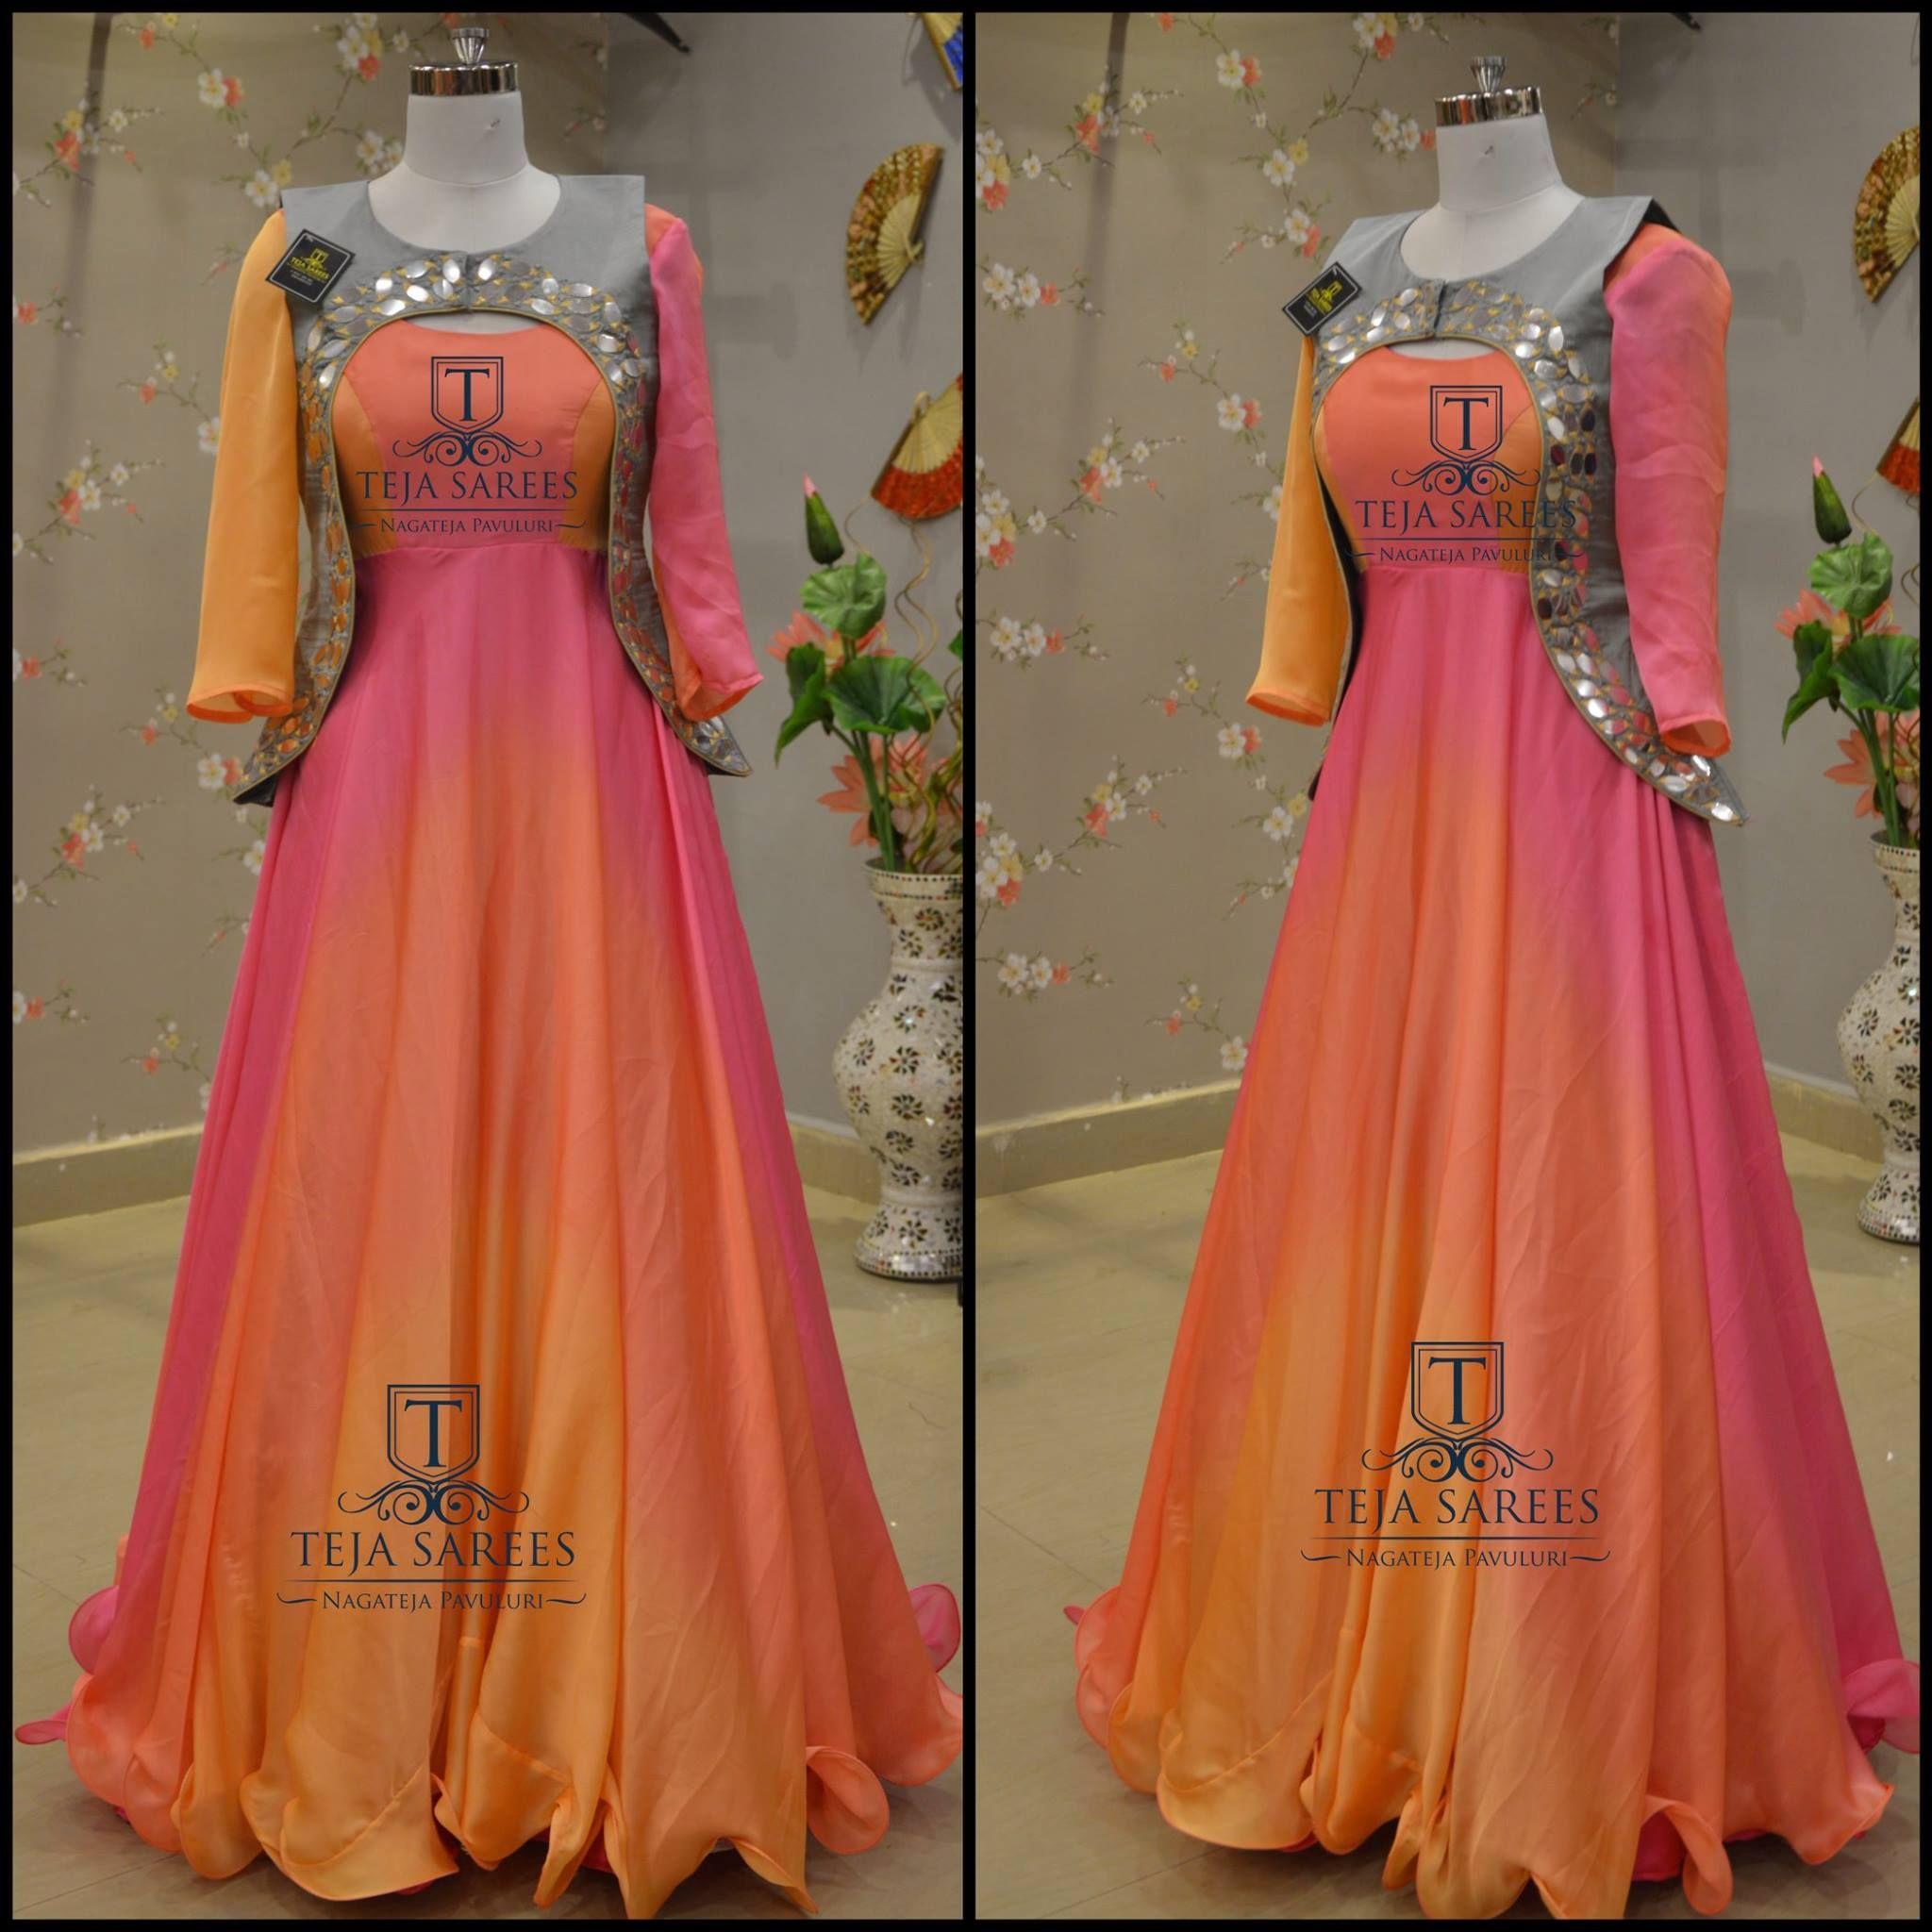 f4bd3c0143965 ... LikeNeverBefore Tejasarees Newdesigns icreate dresses tejaethnicstudio  hyd overcoats casual floorlengths tejupavuluri Stay Amazed!! Team Teja!!